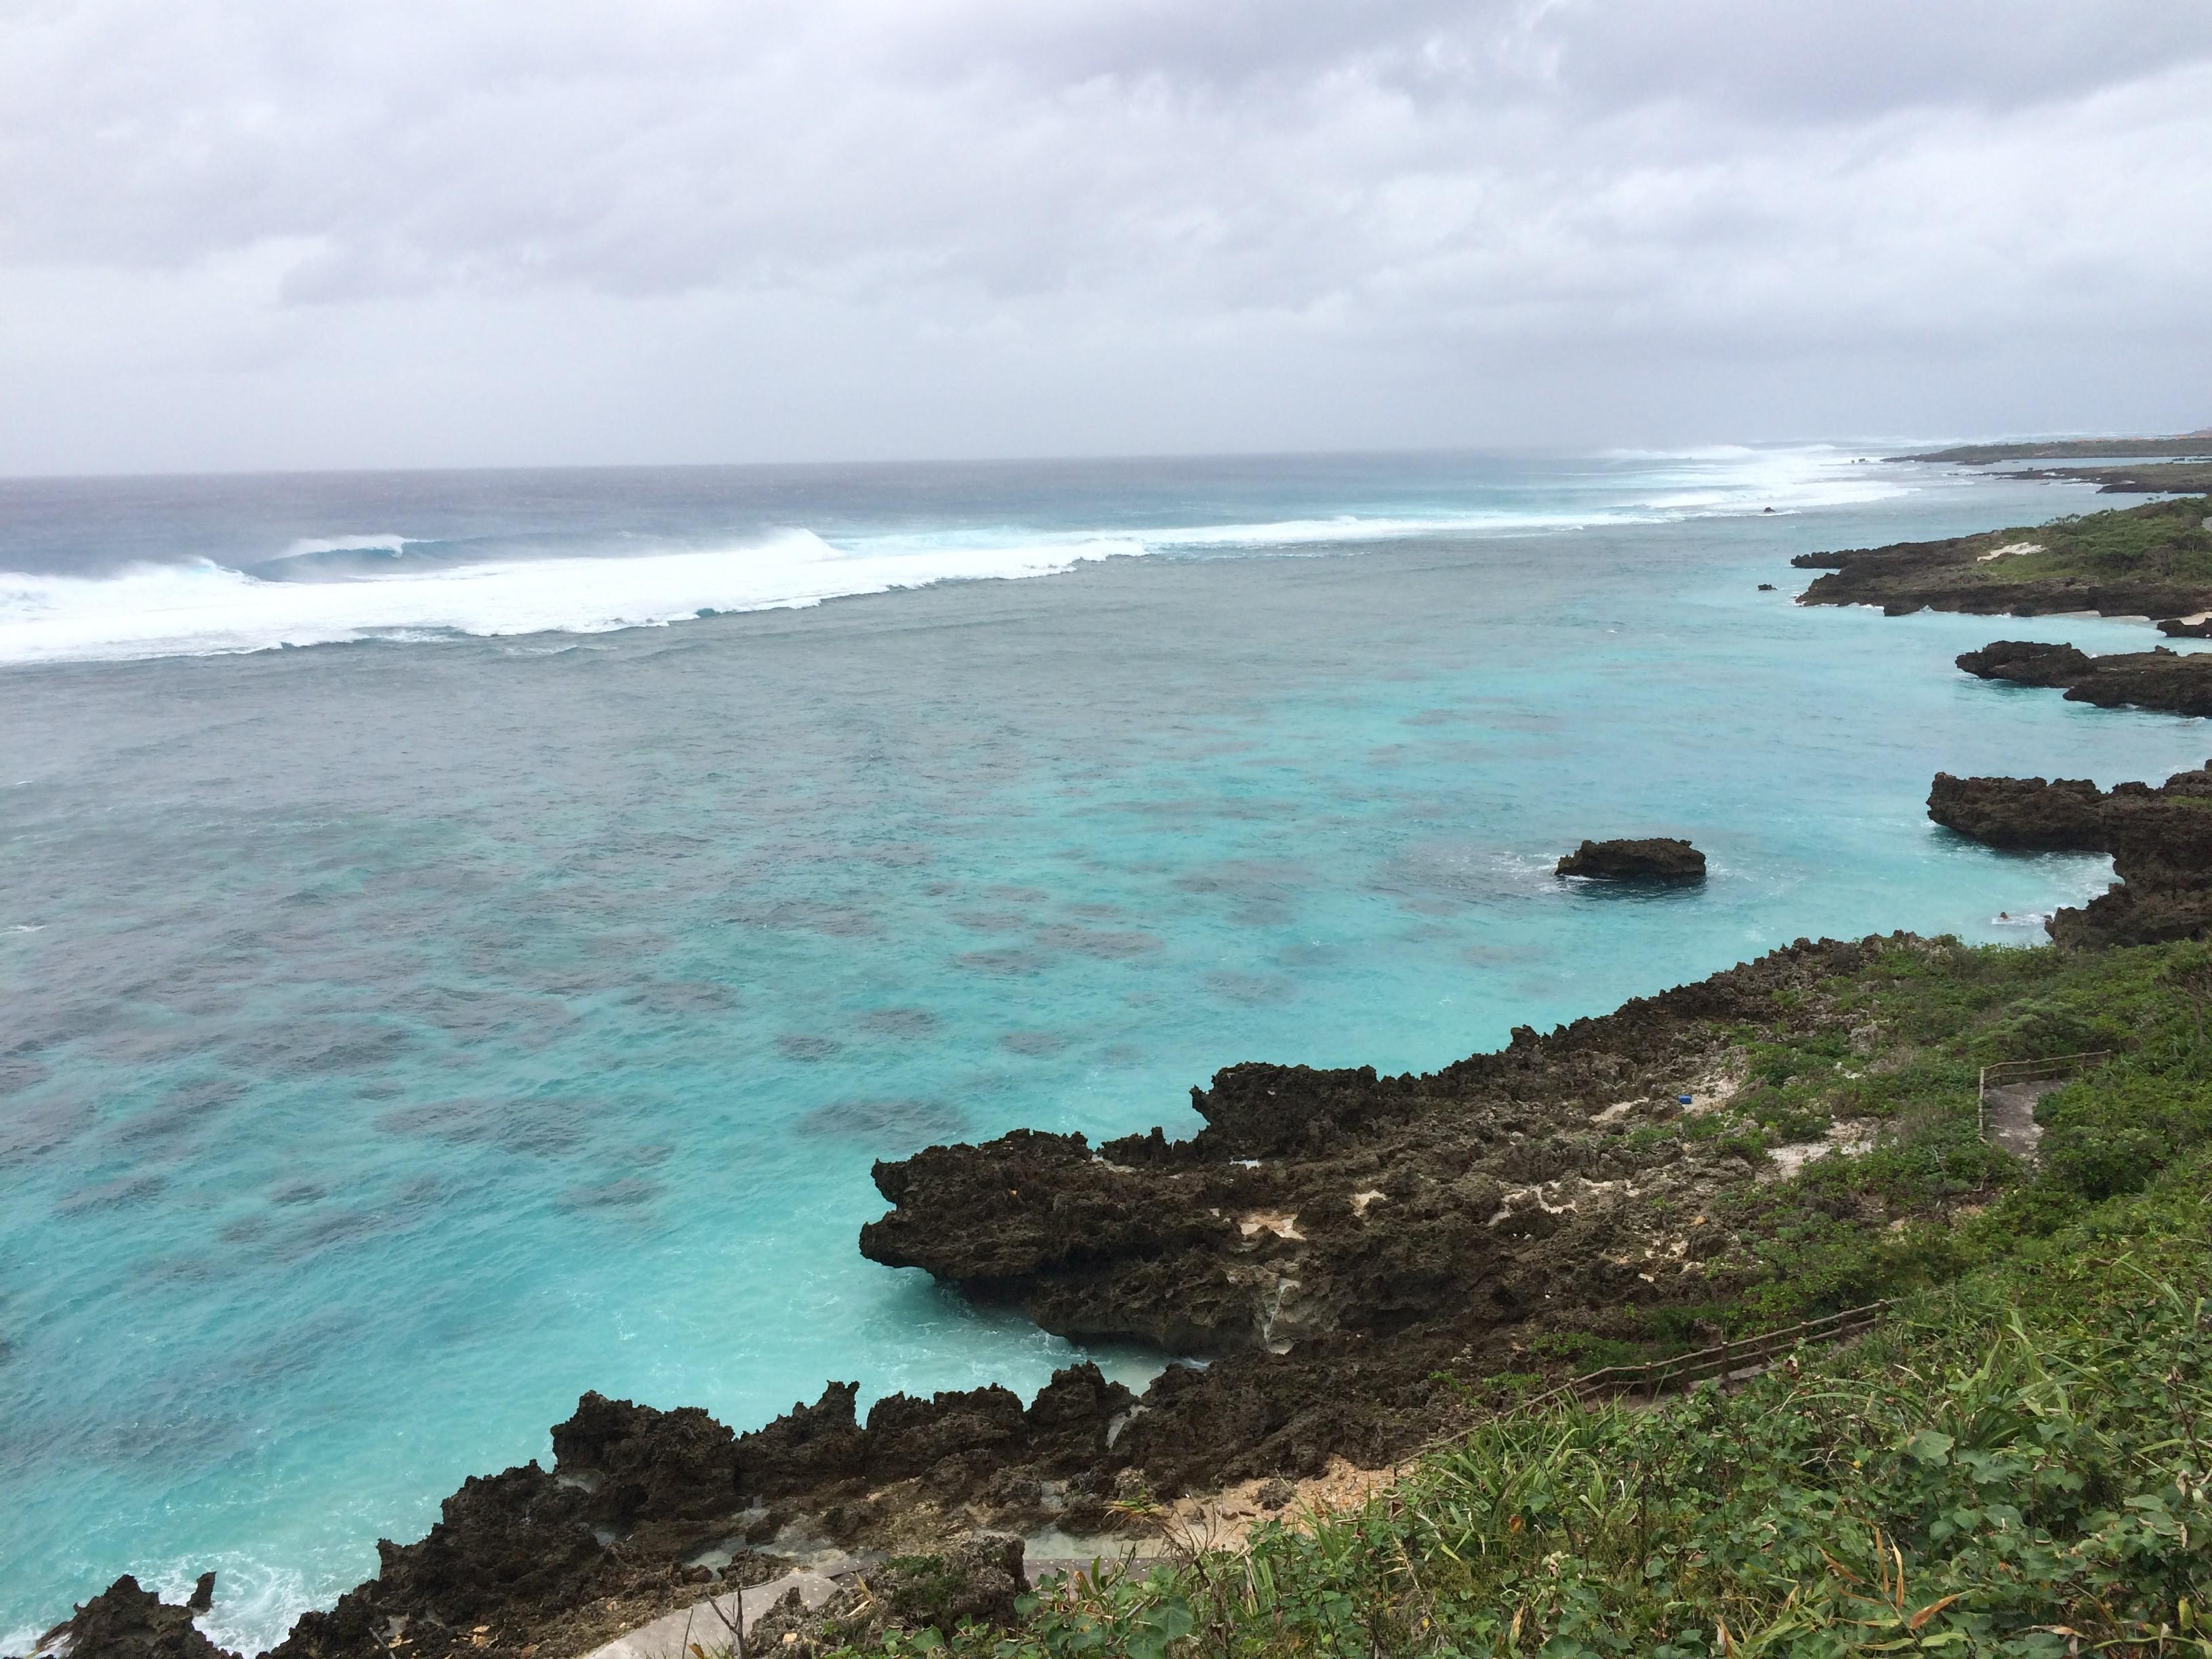 Miyako island's sea